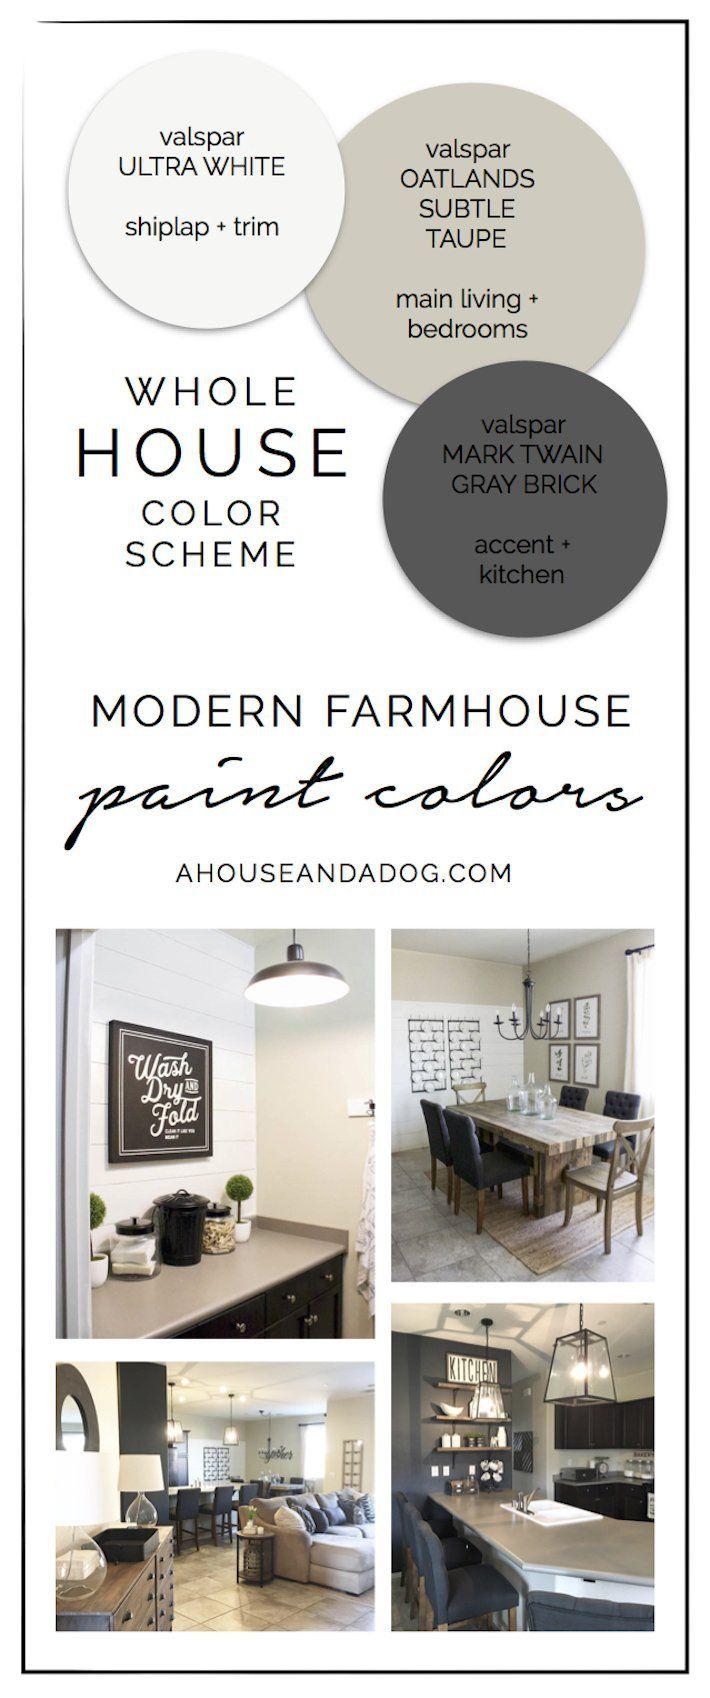 Whole House Color Scheme Modern Farmhouse Paint Colors Ahouseandadog Com Farm House Colors House Color Schemes Farmhouse Color Scheme